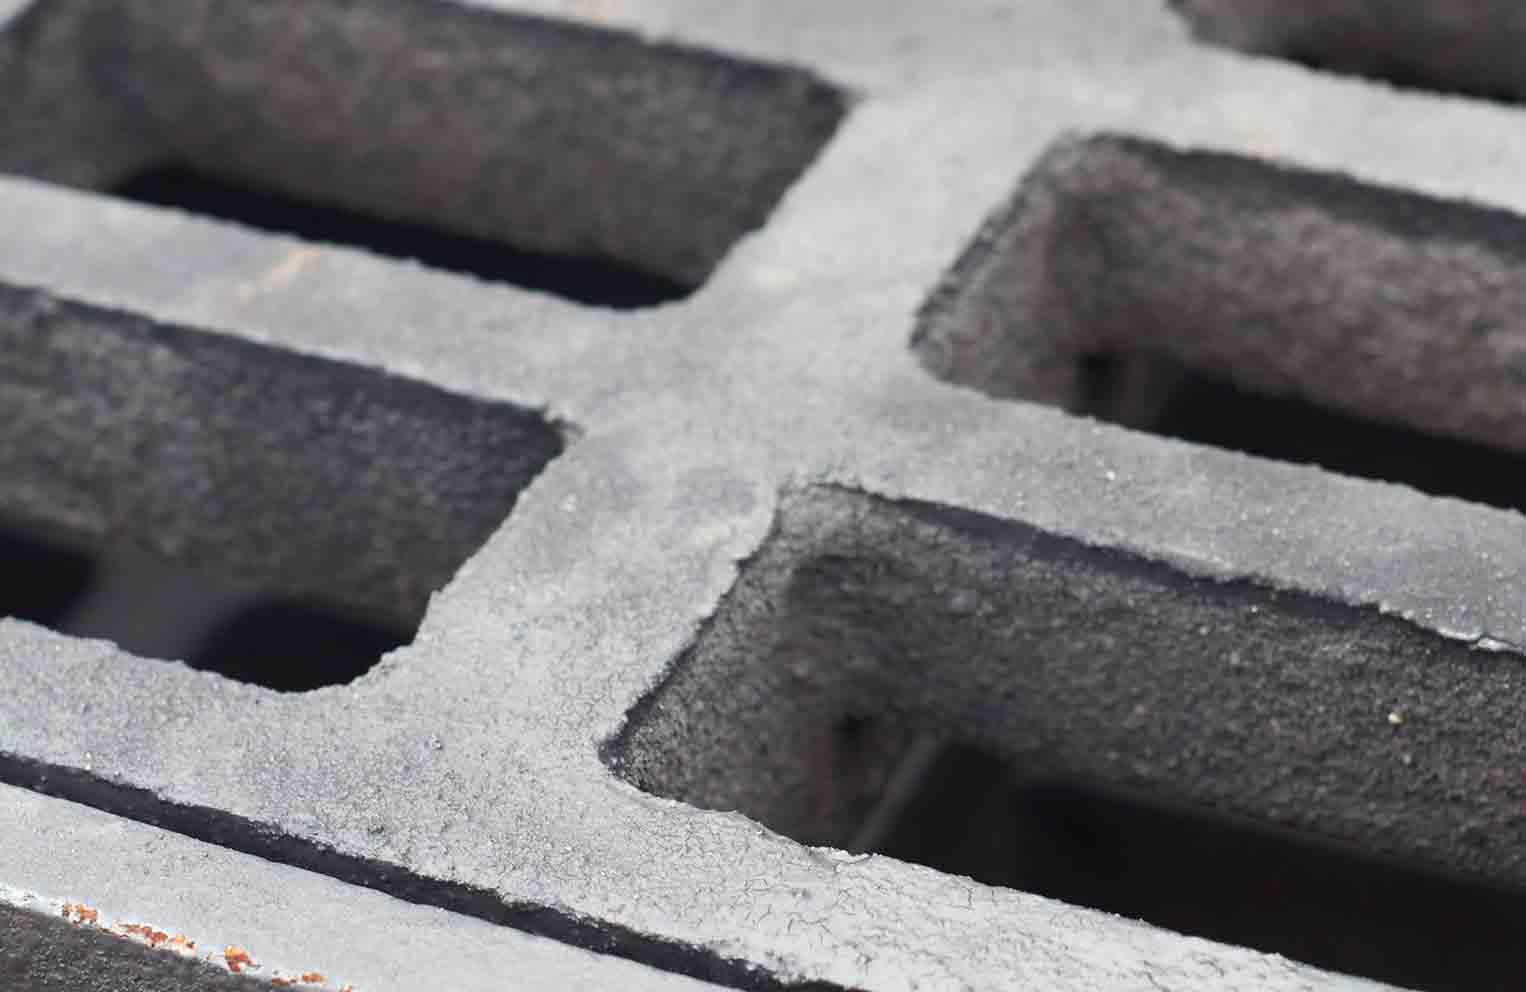 Las redes de alcantarillado, pozos, depósitos y espacios similares son considerados espacios confinados.